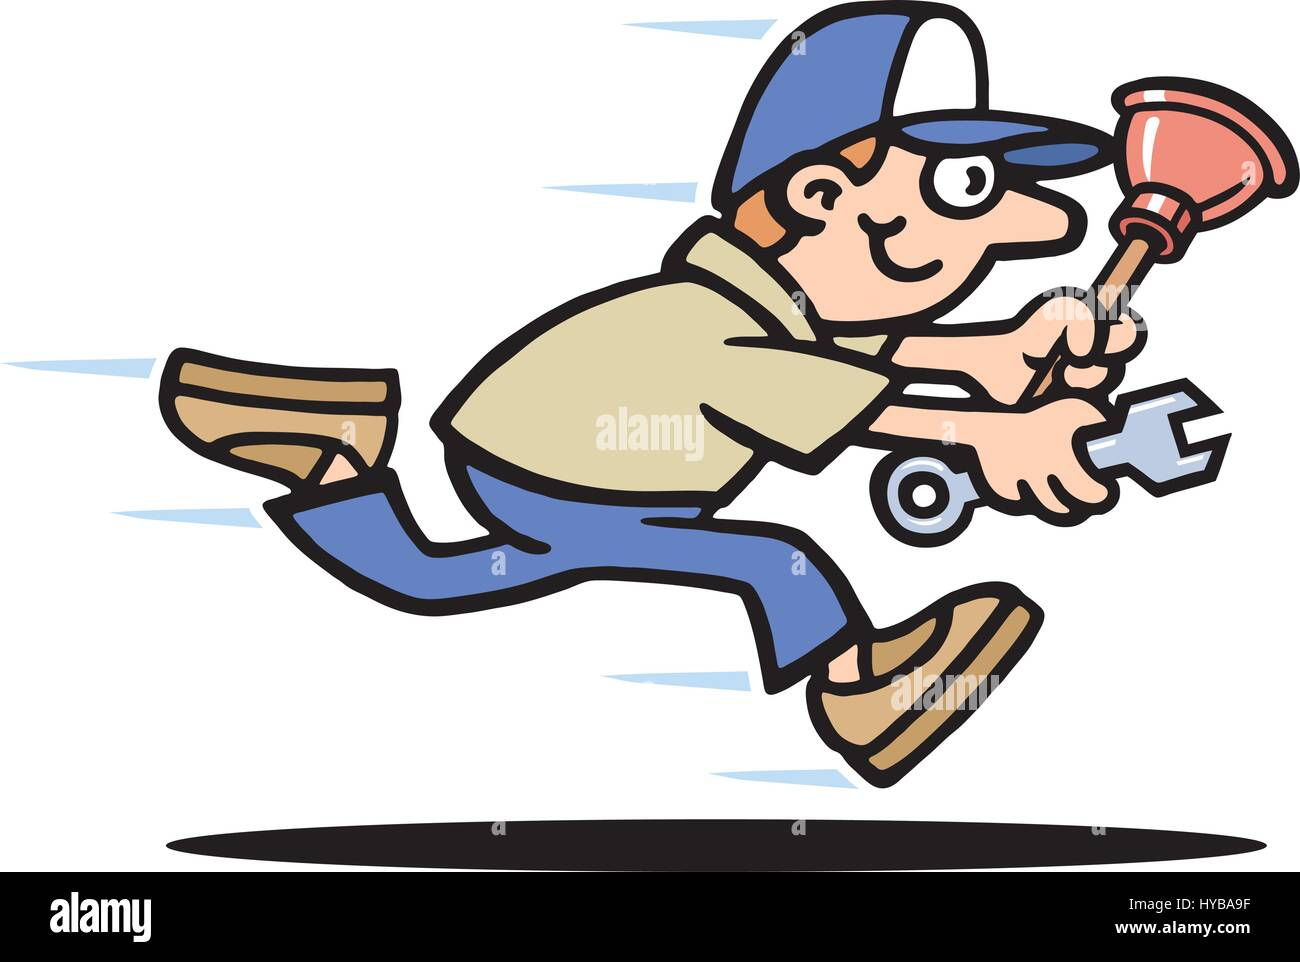 Mr Plumber Vector Illustration. Running Late. - Stock Image